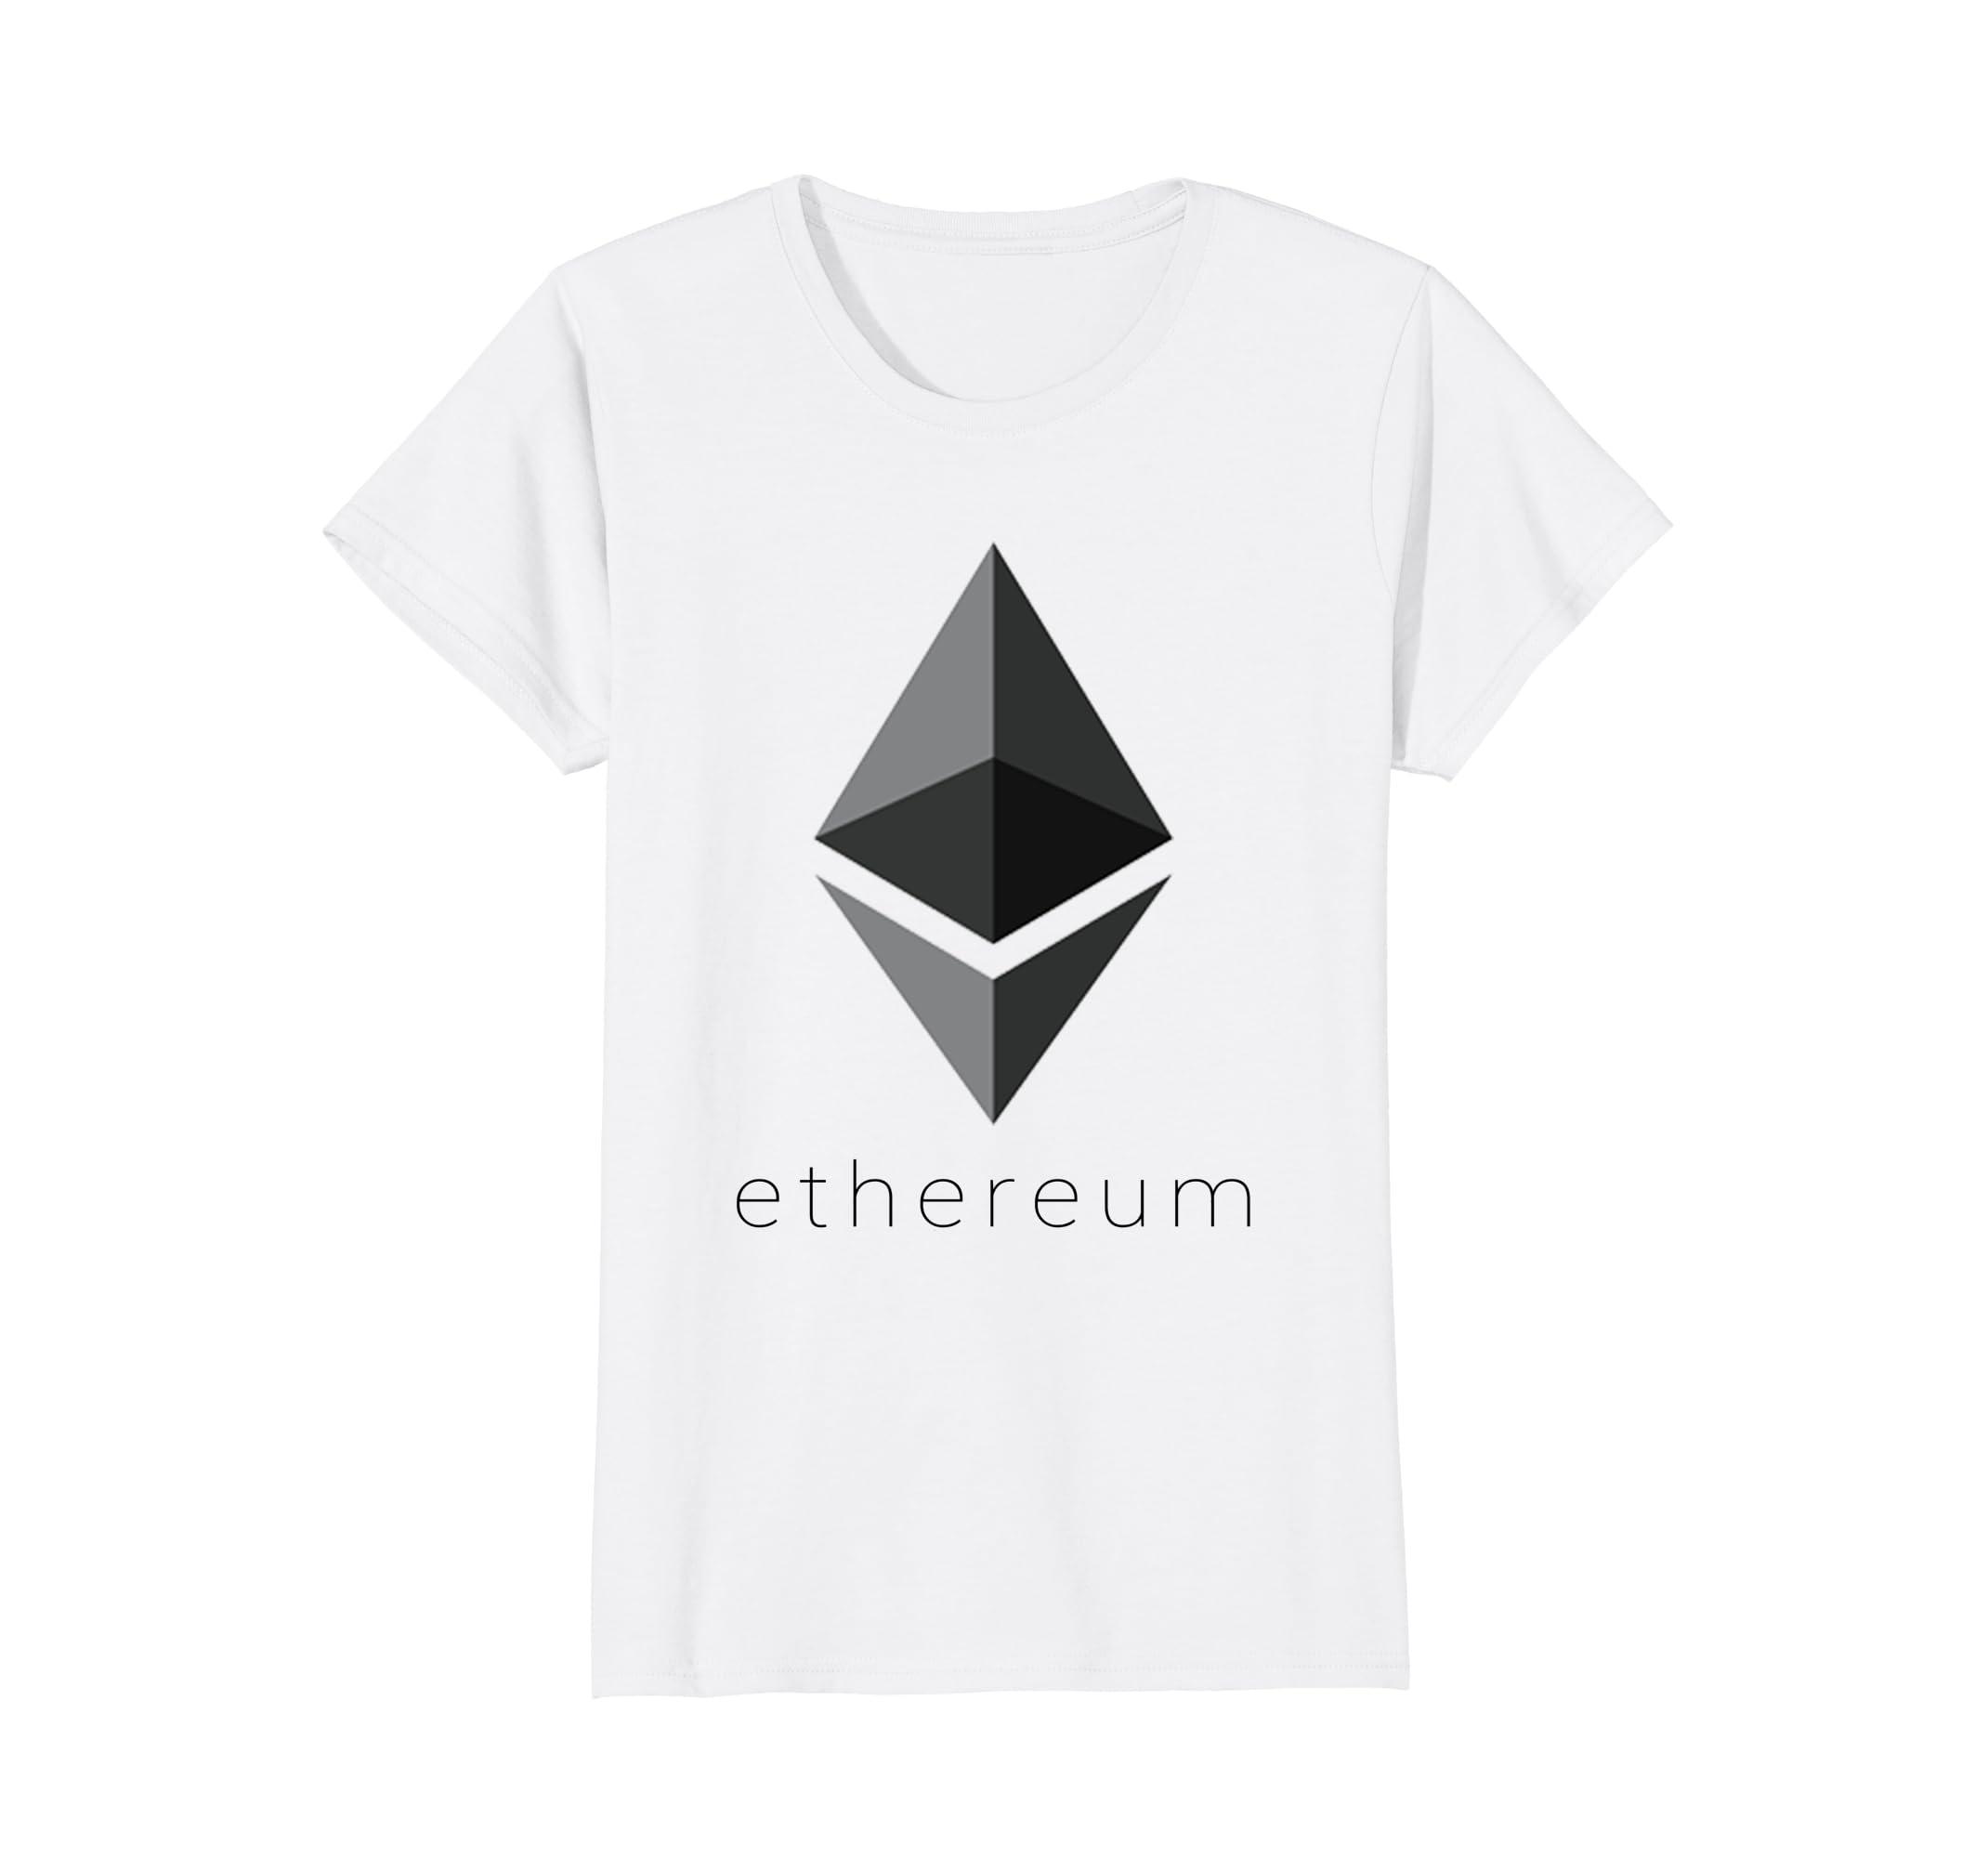 50e4a1275c8 Amazon.com  Official Ethereum Logo Shirt - ETH Shirt - For Men For Women   Clothing